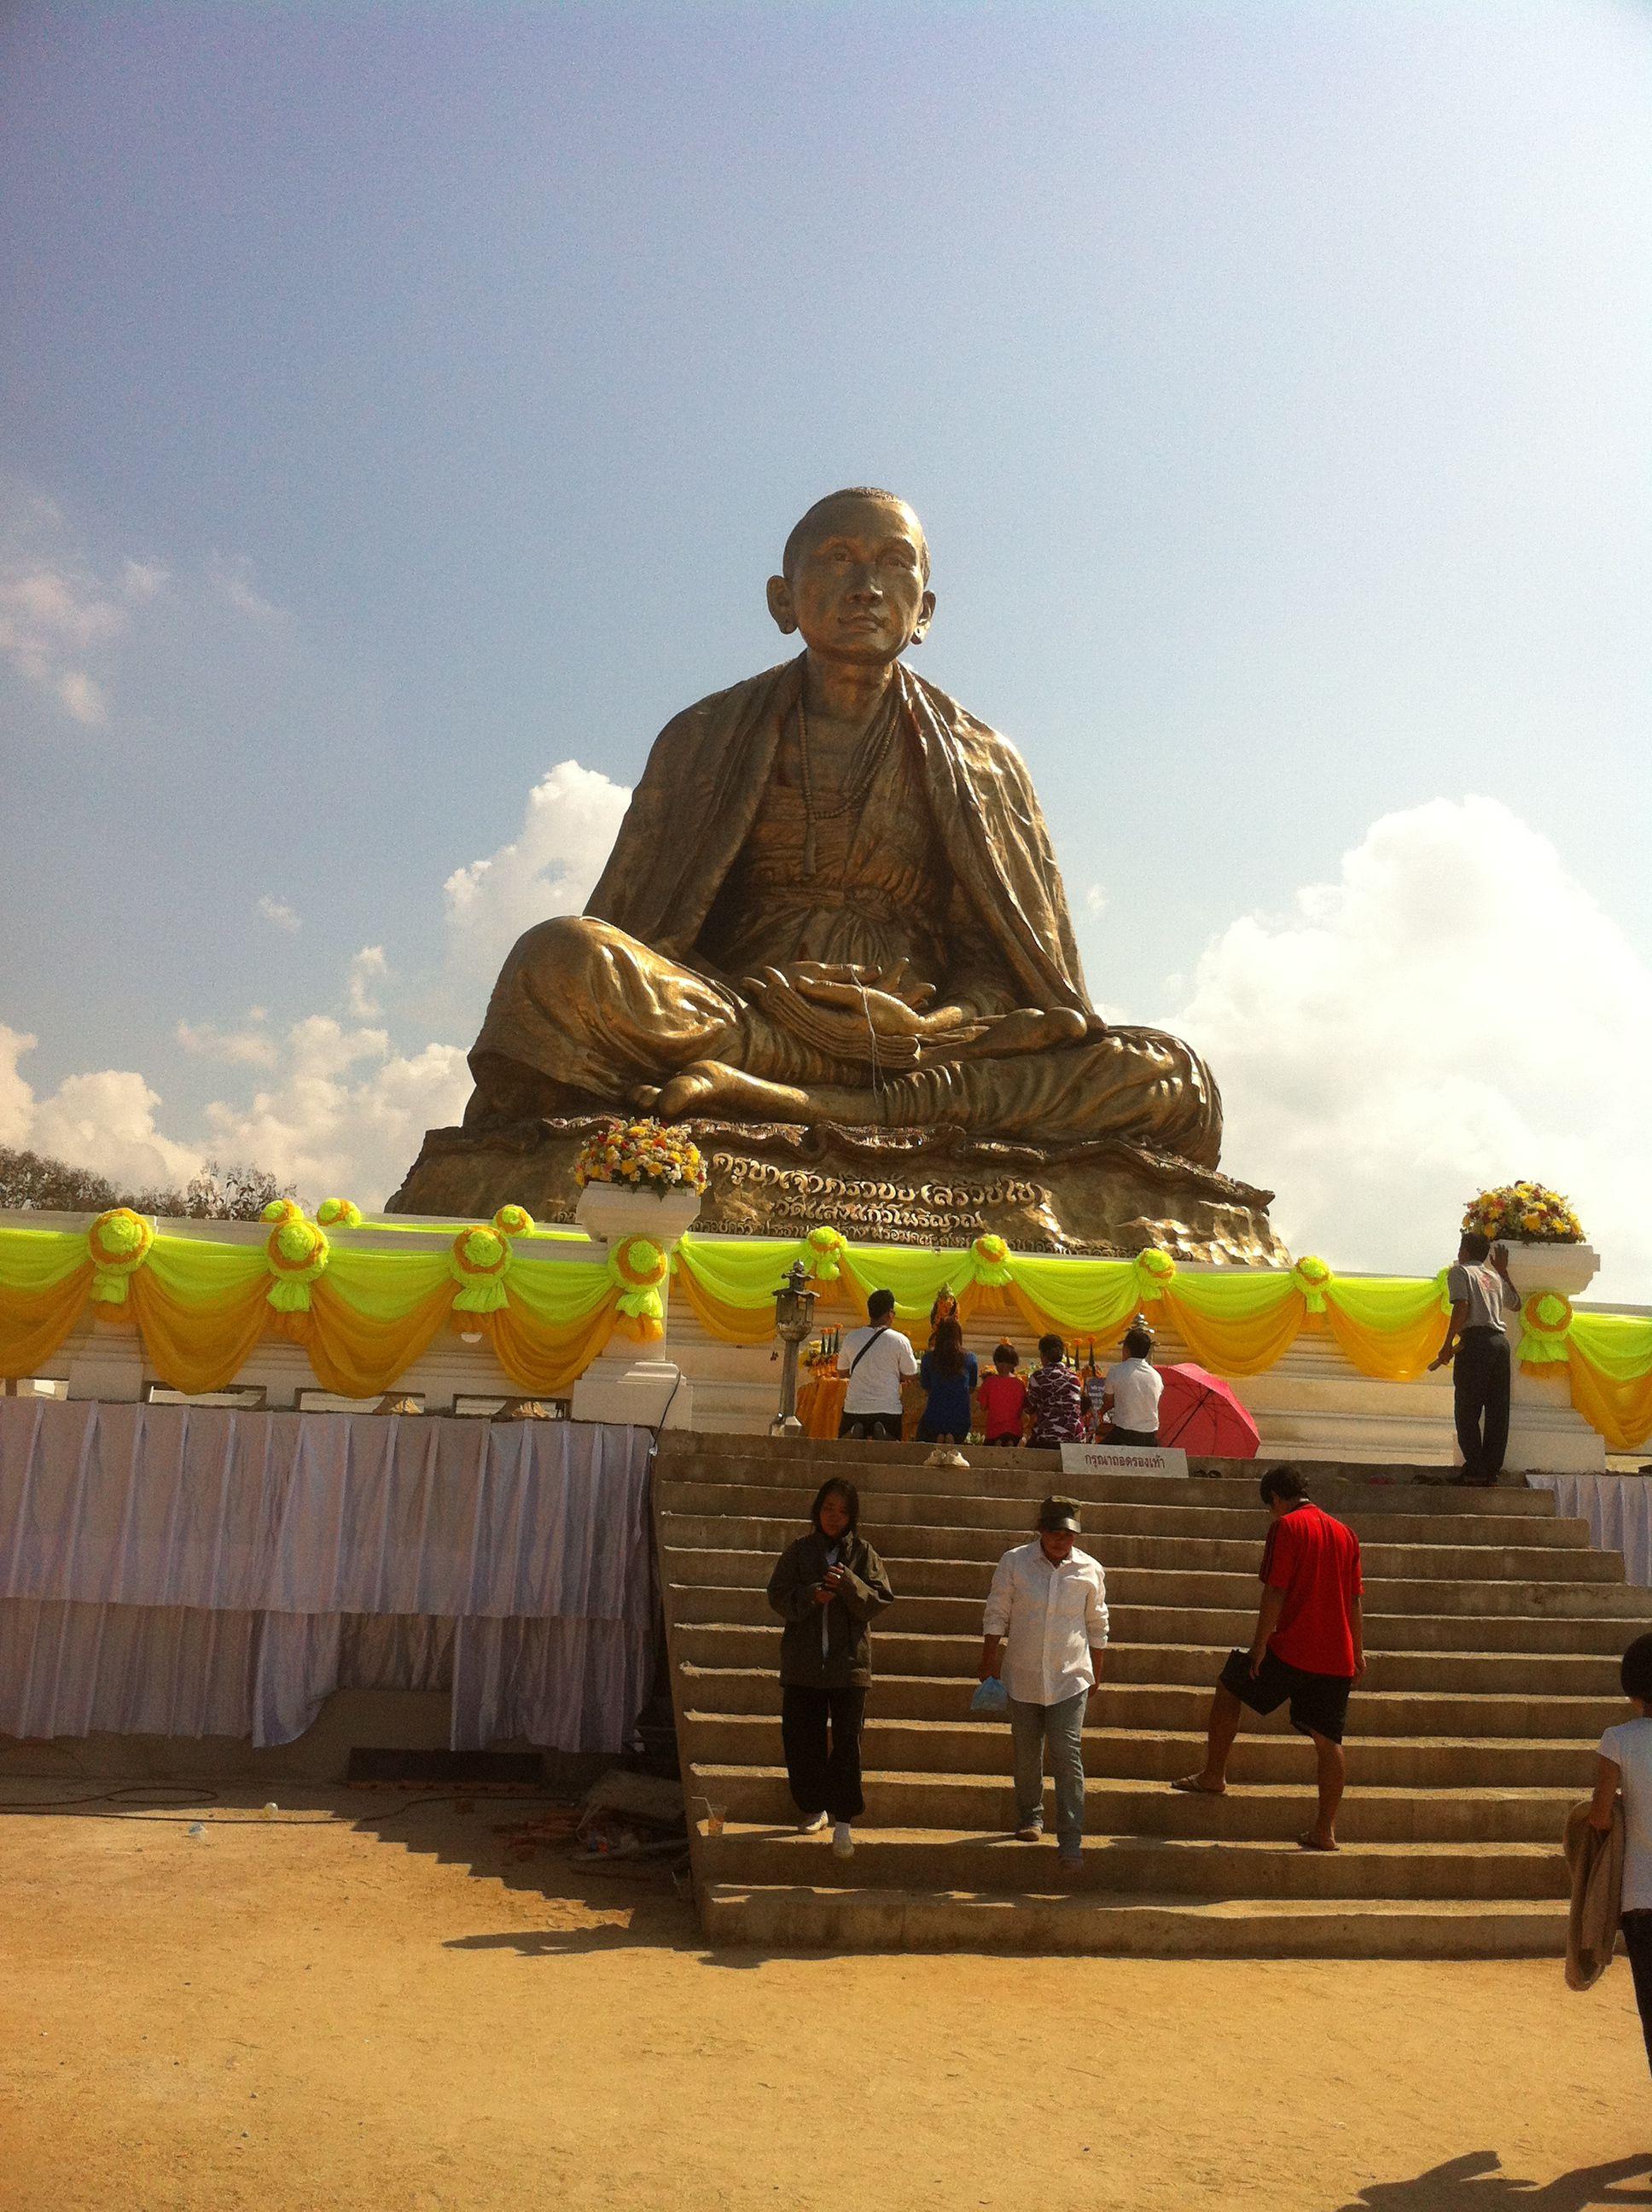 ครูบาศรีวิชัย @ วัดแสงแก้วโพธิญาณ, Chiang Rai